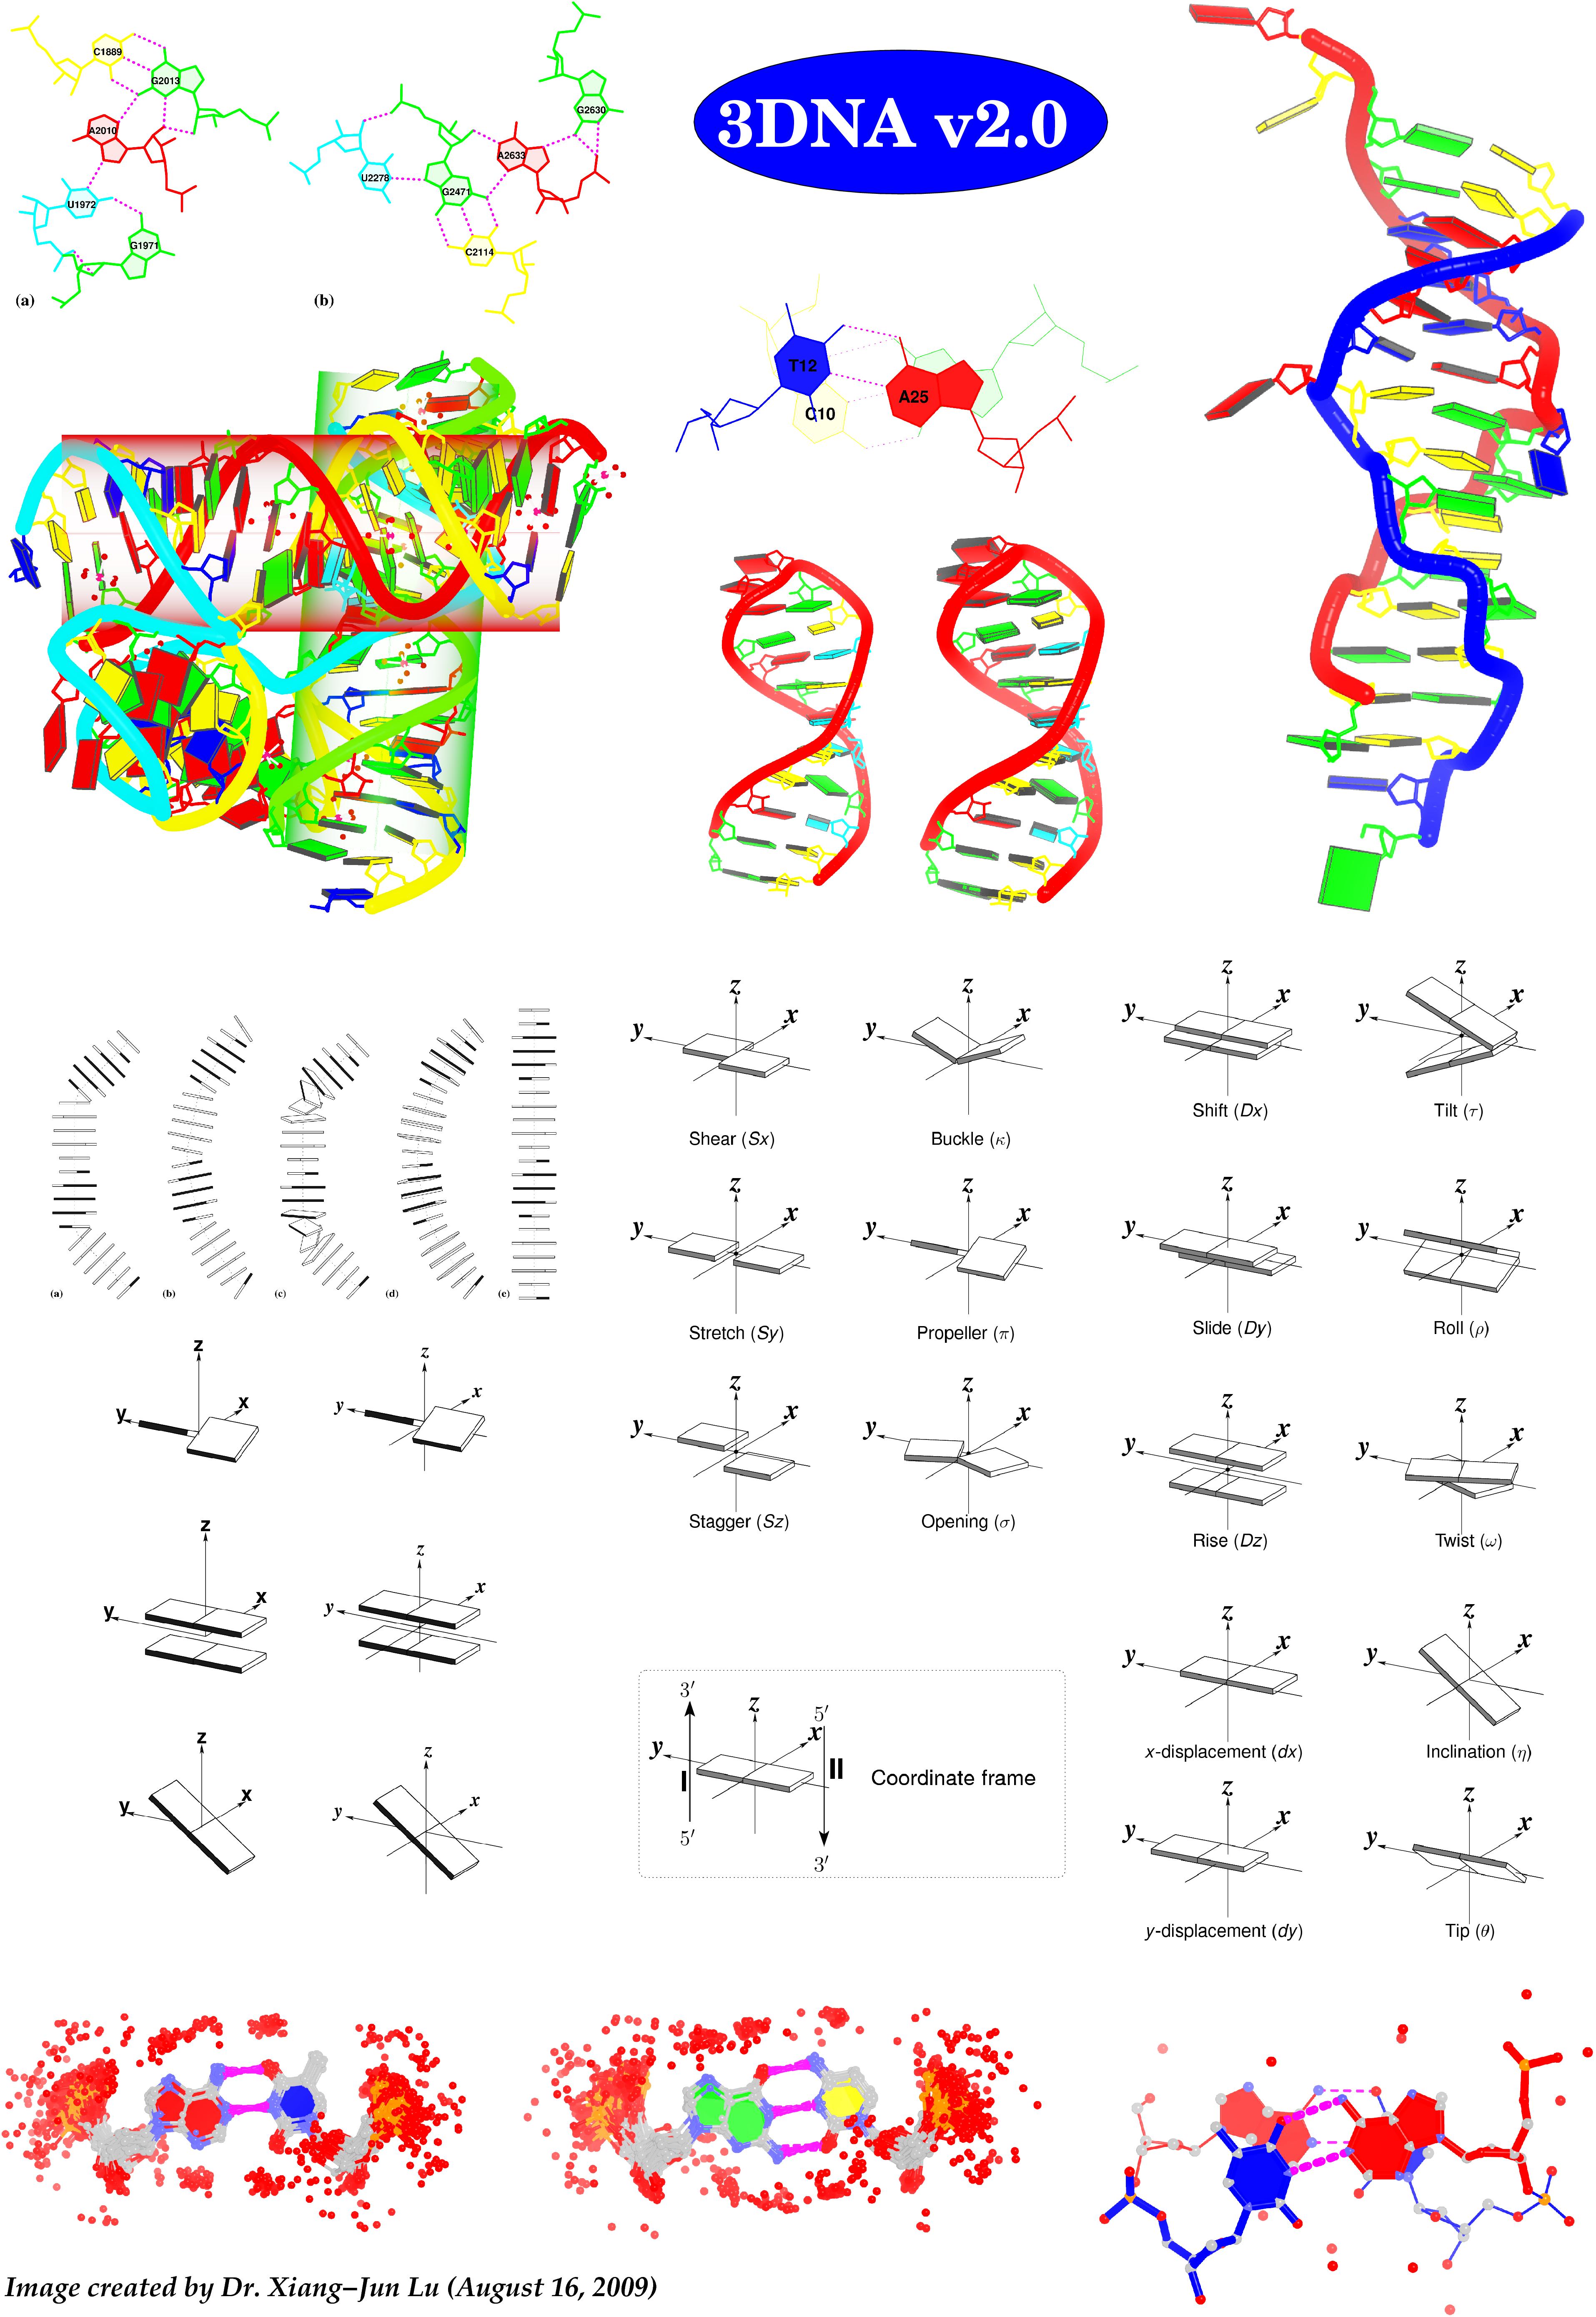 3DNA v2 composite image